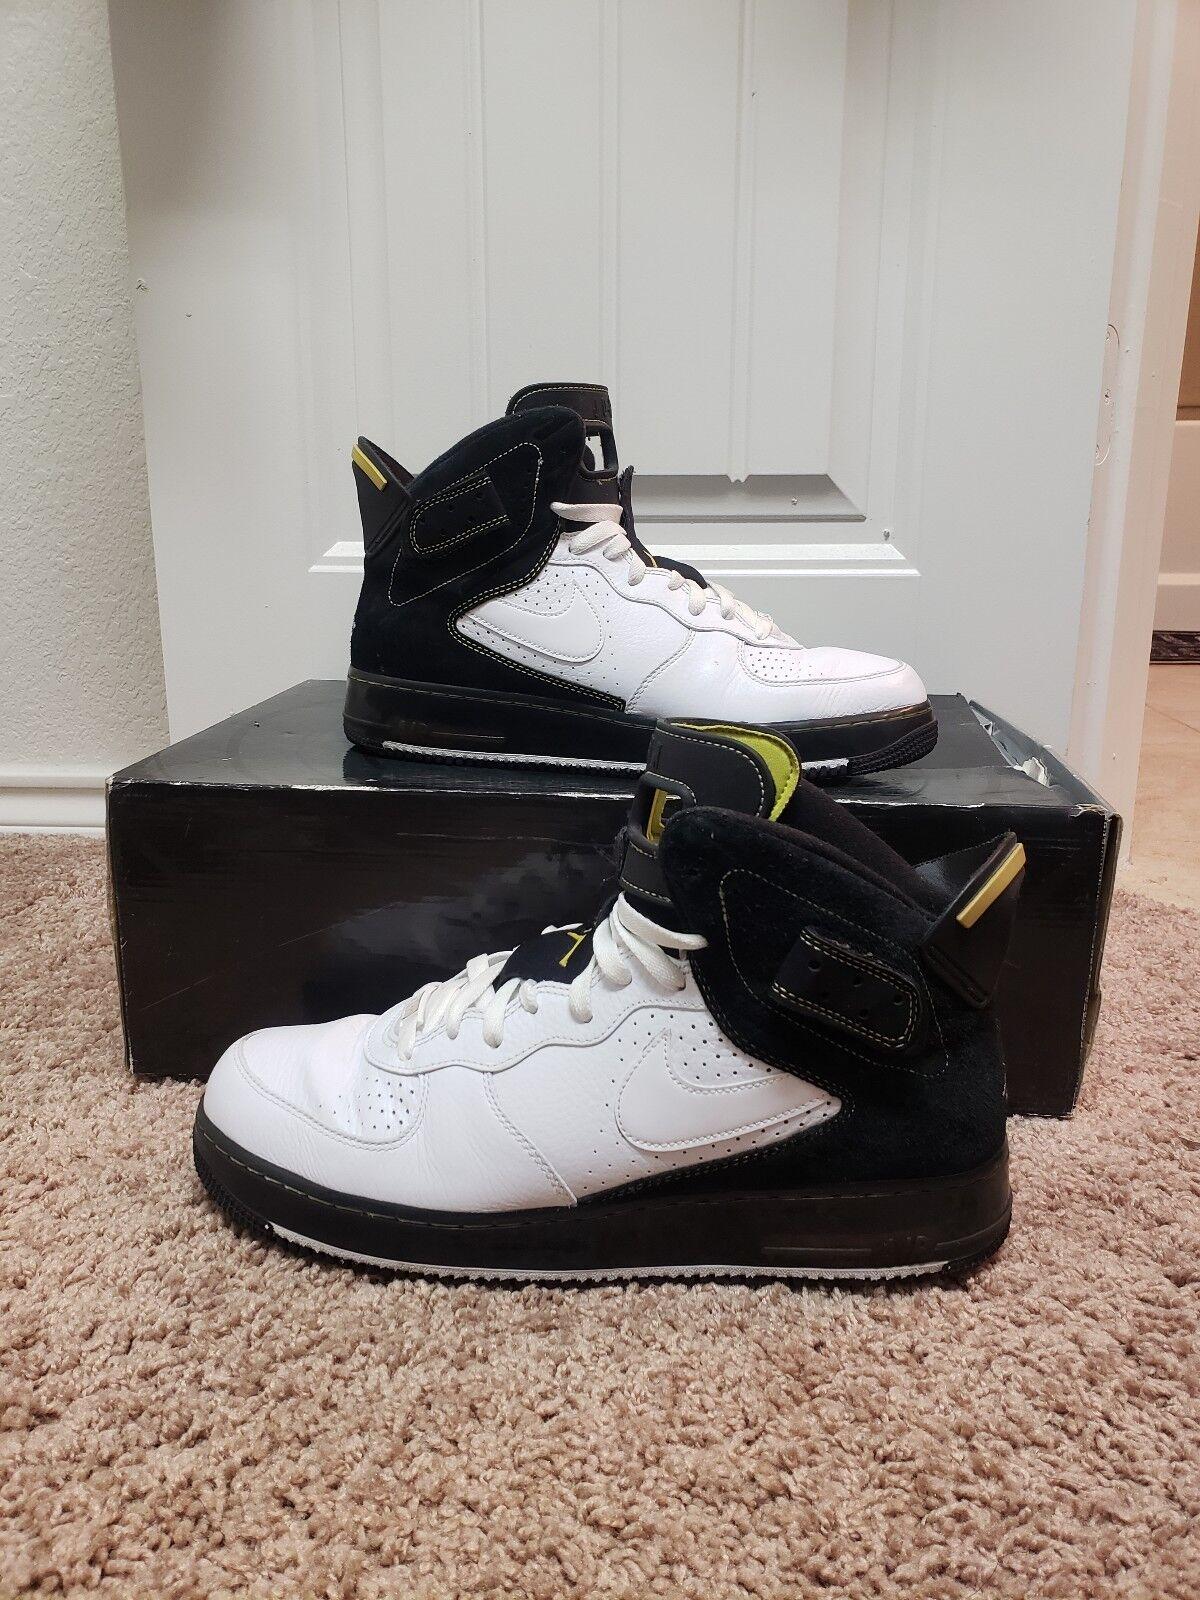 131cd61d81 Nike Air Jordan AJF6 Size 12 103 343064 nqbgtj1781-Athletic Shoes ...